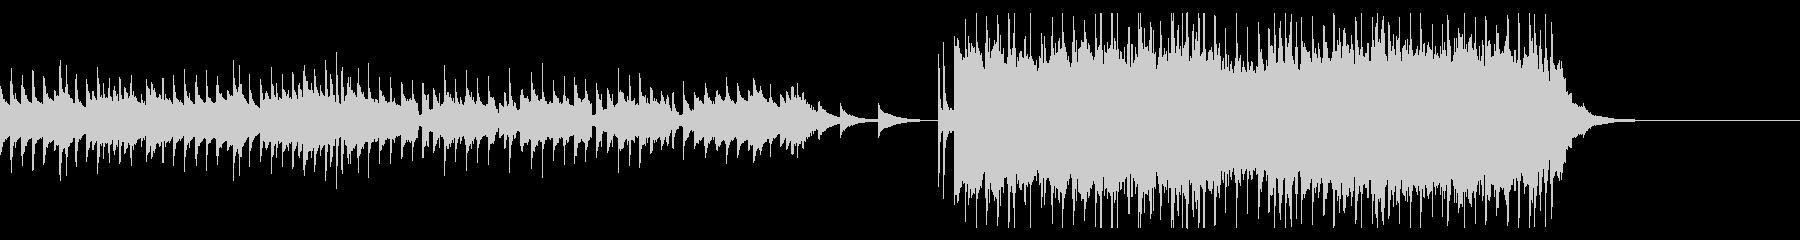 ハロウィン・オルガン・クライマックスの未再生の波形